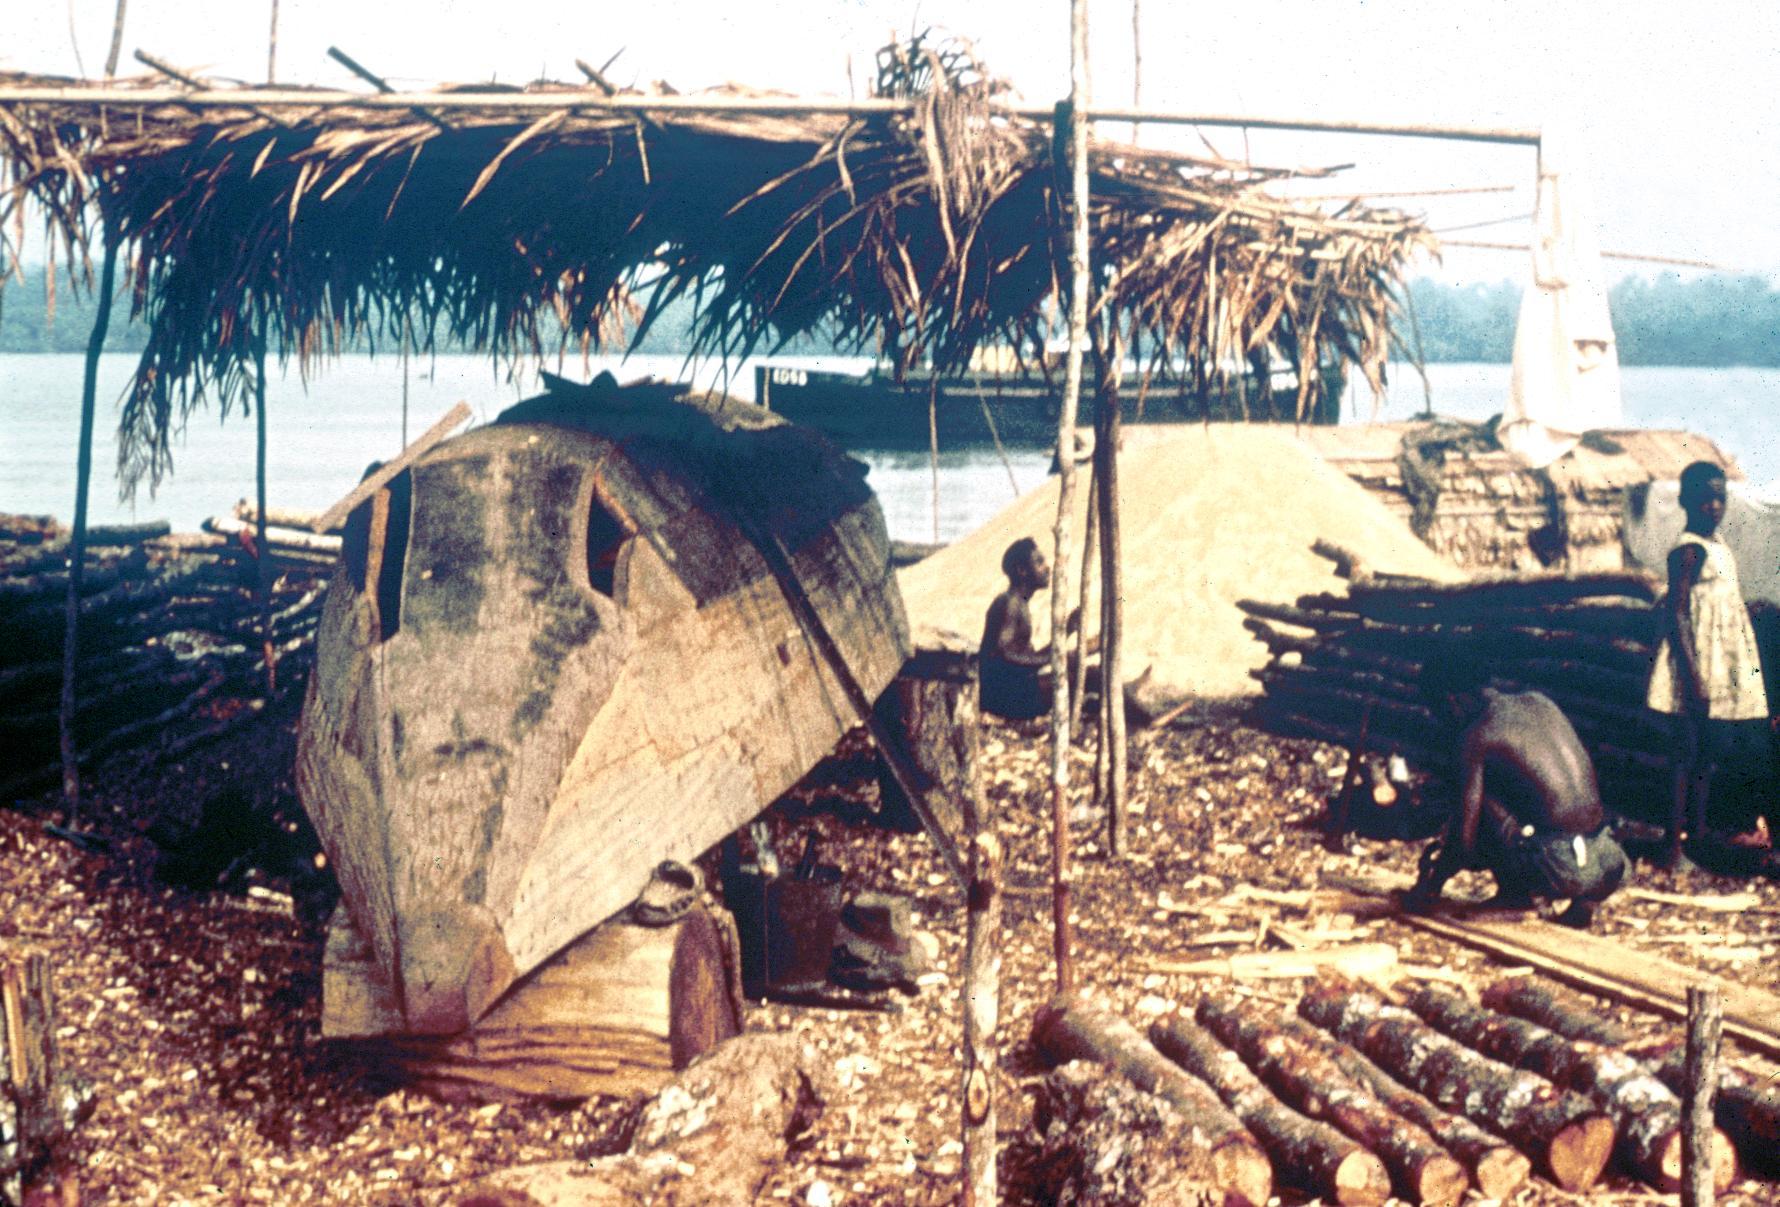 Ship-Building Yard in Calabar